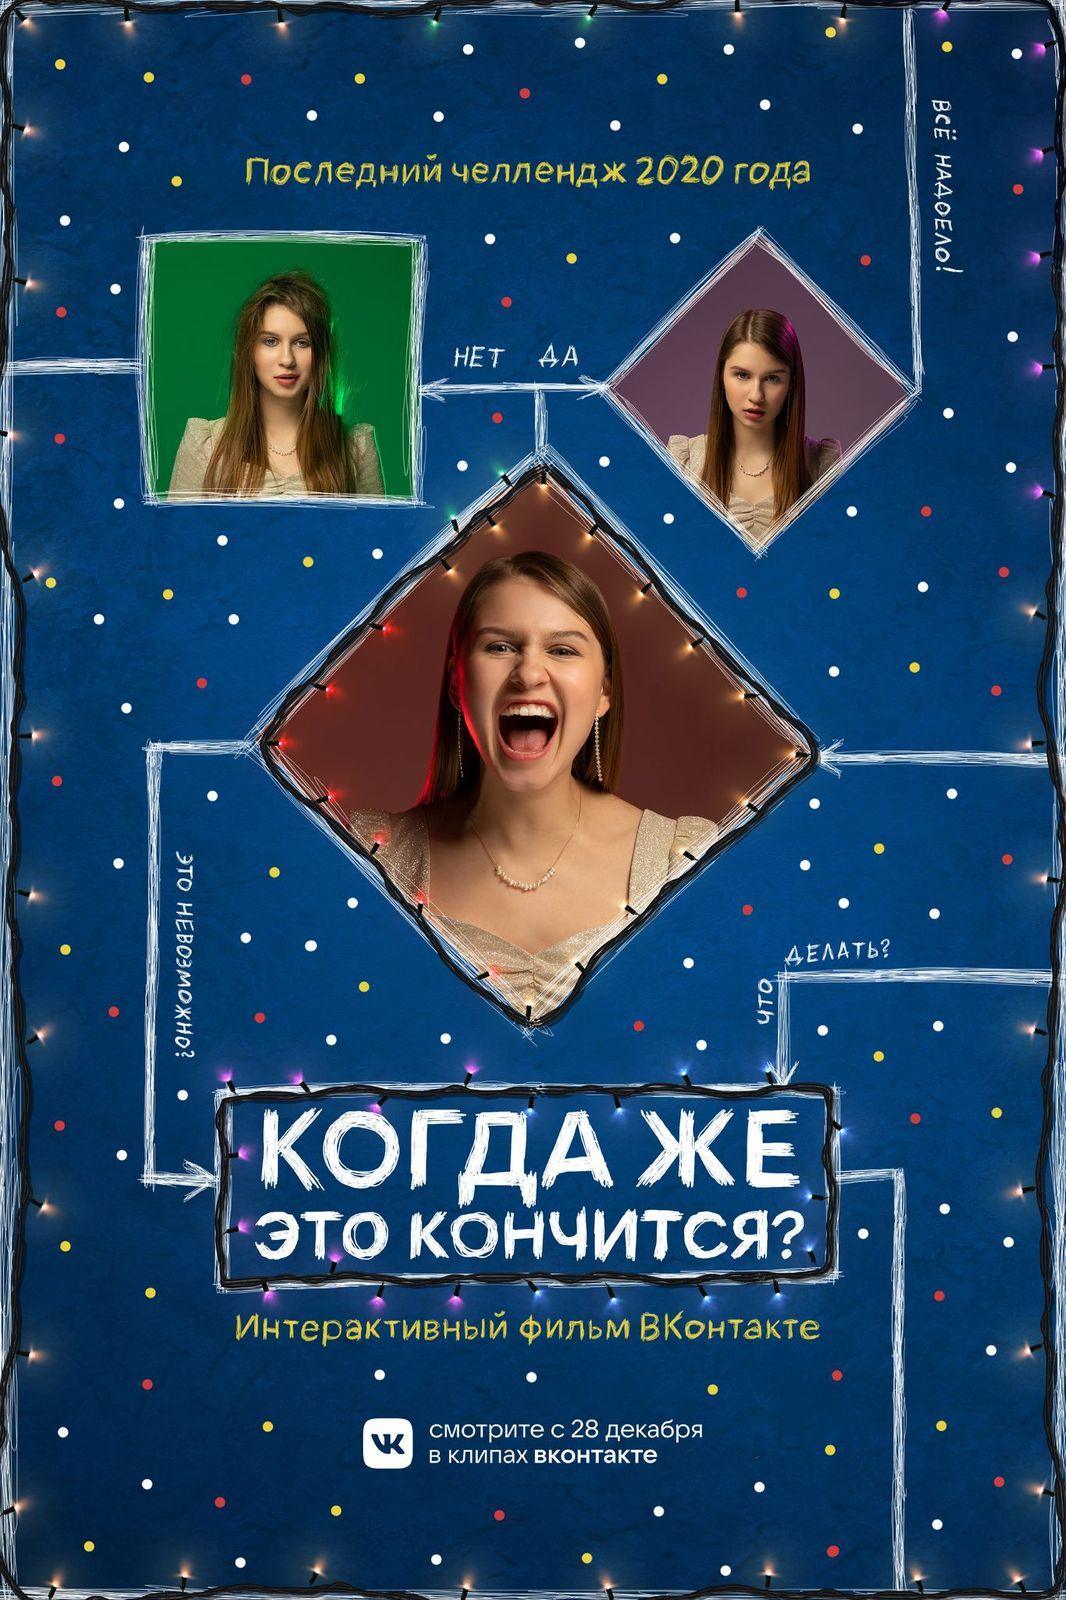 Во«ВКонтакте» вышел первый интерактивный новогодний фильм «Когдаже это кончится?»